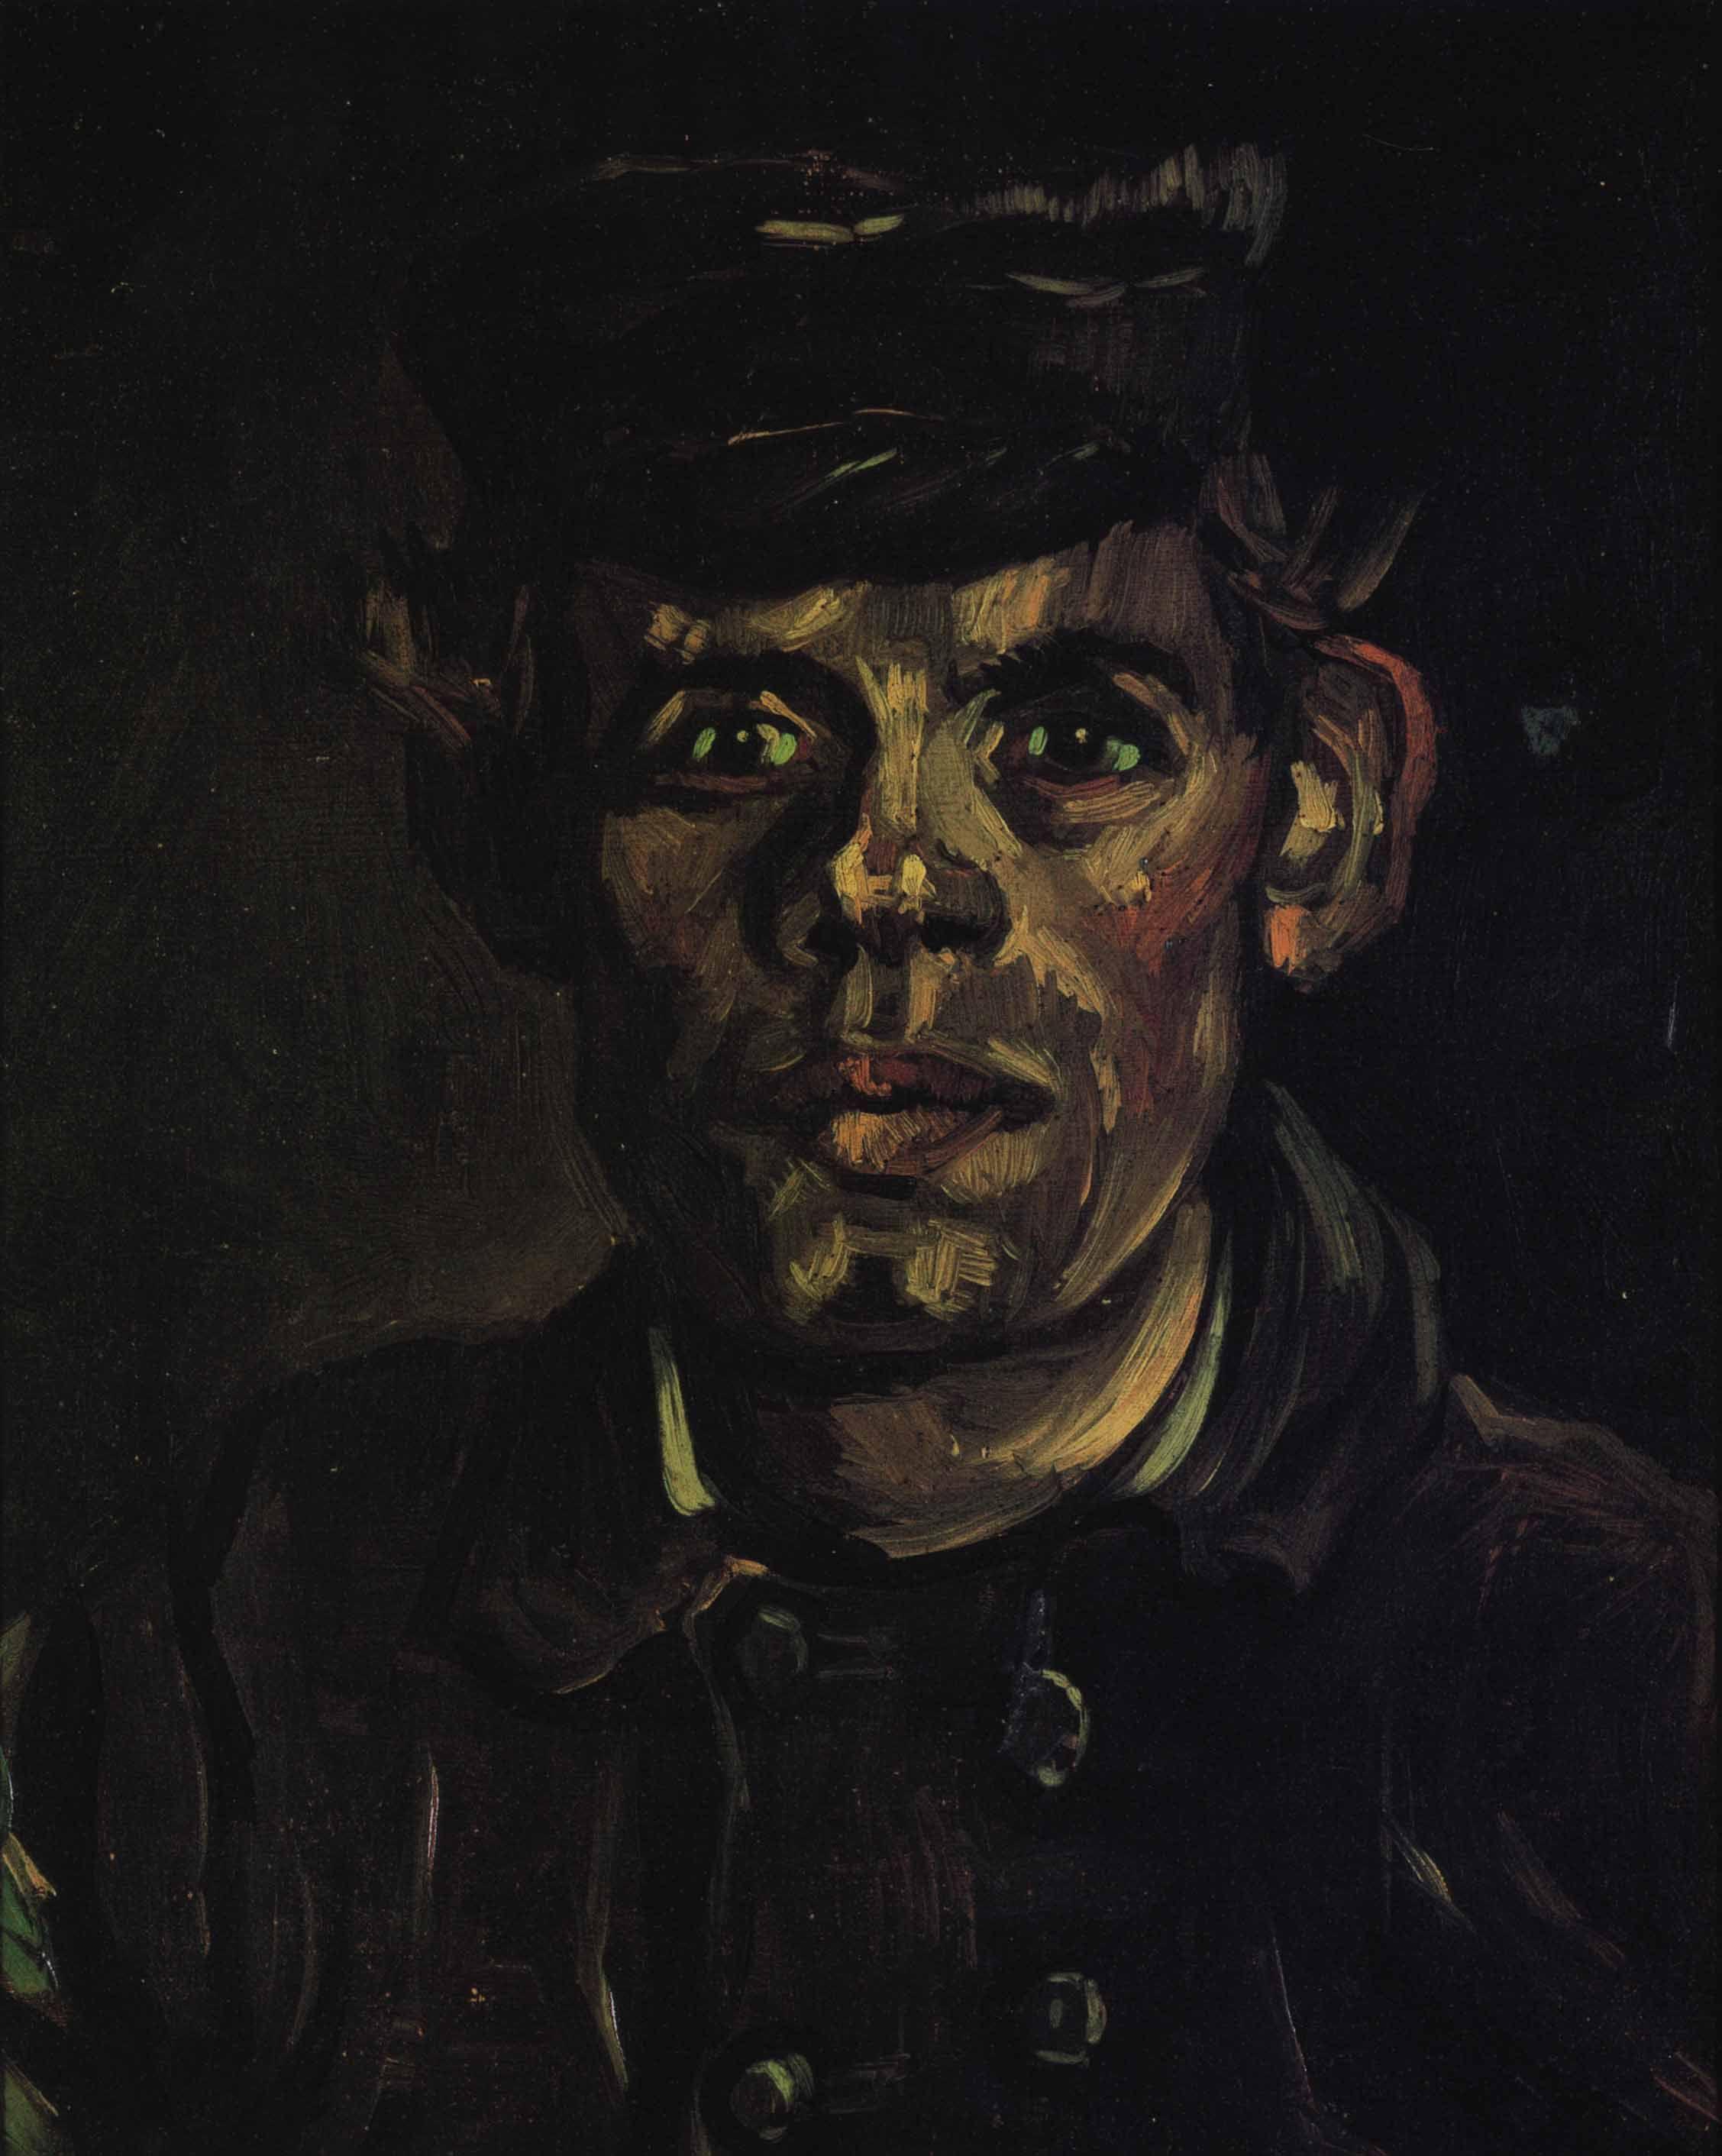 1885  Vincent Van Gogh   Peasant  oil Oil on canvas  39x30.5 cm  Bruxelles, Koninkijke Musea voor Shone Kunsten